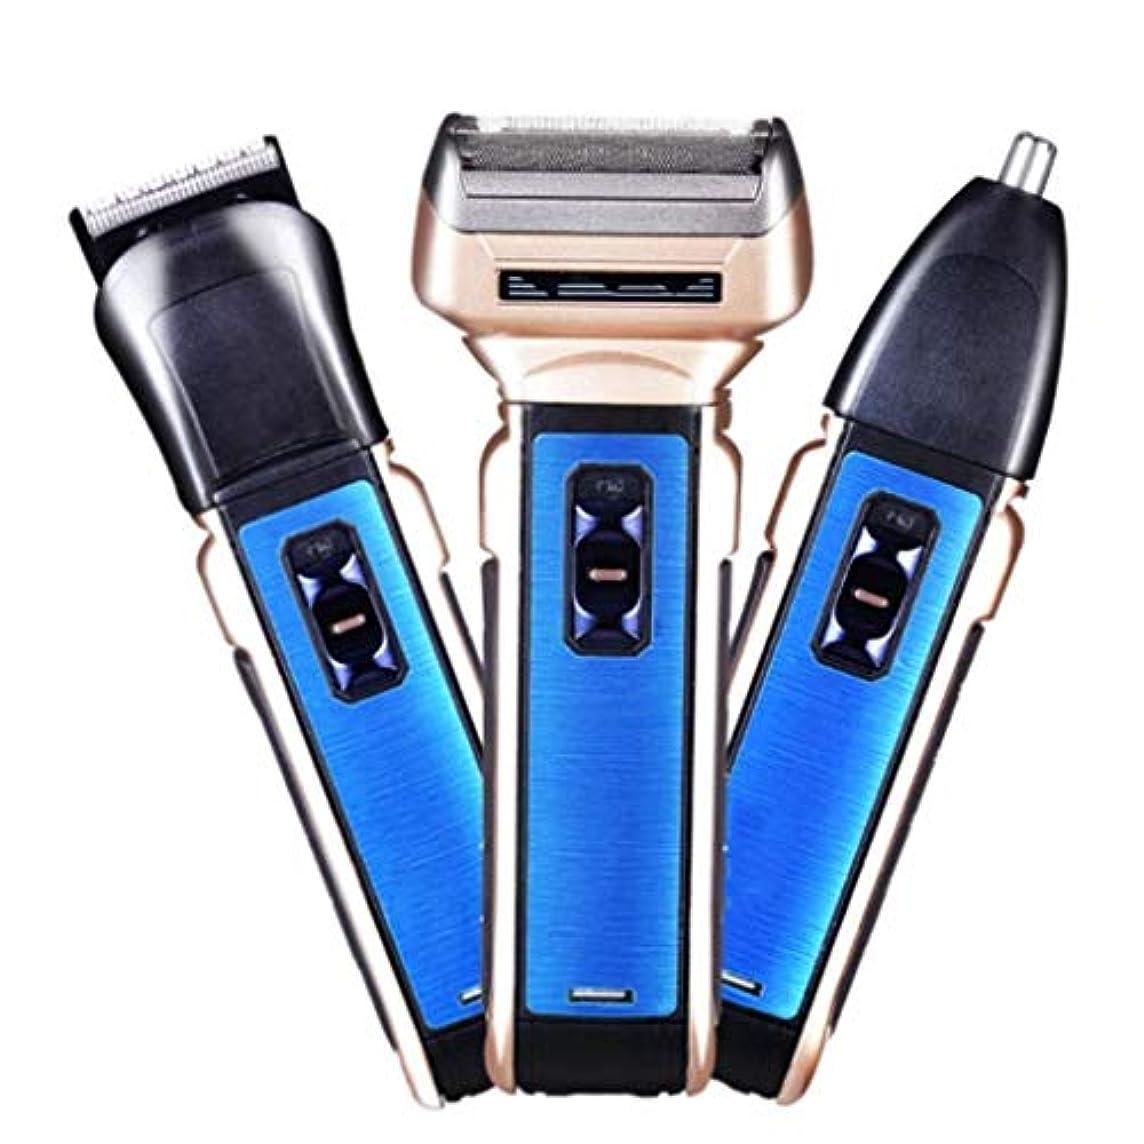 大惨事規範該当するフェイシャルヘアー3-in-1鼻毛トリマーセットABS 360°往復充電取り外し可能なヘッドと洗えるデザイン電気かみそり